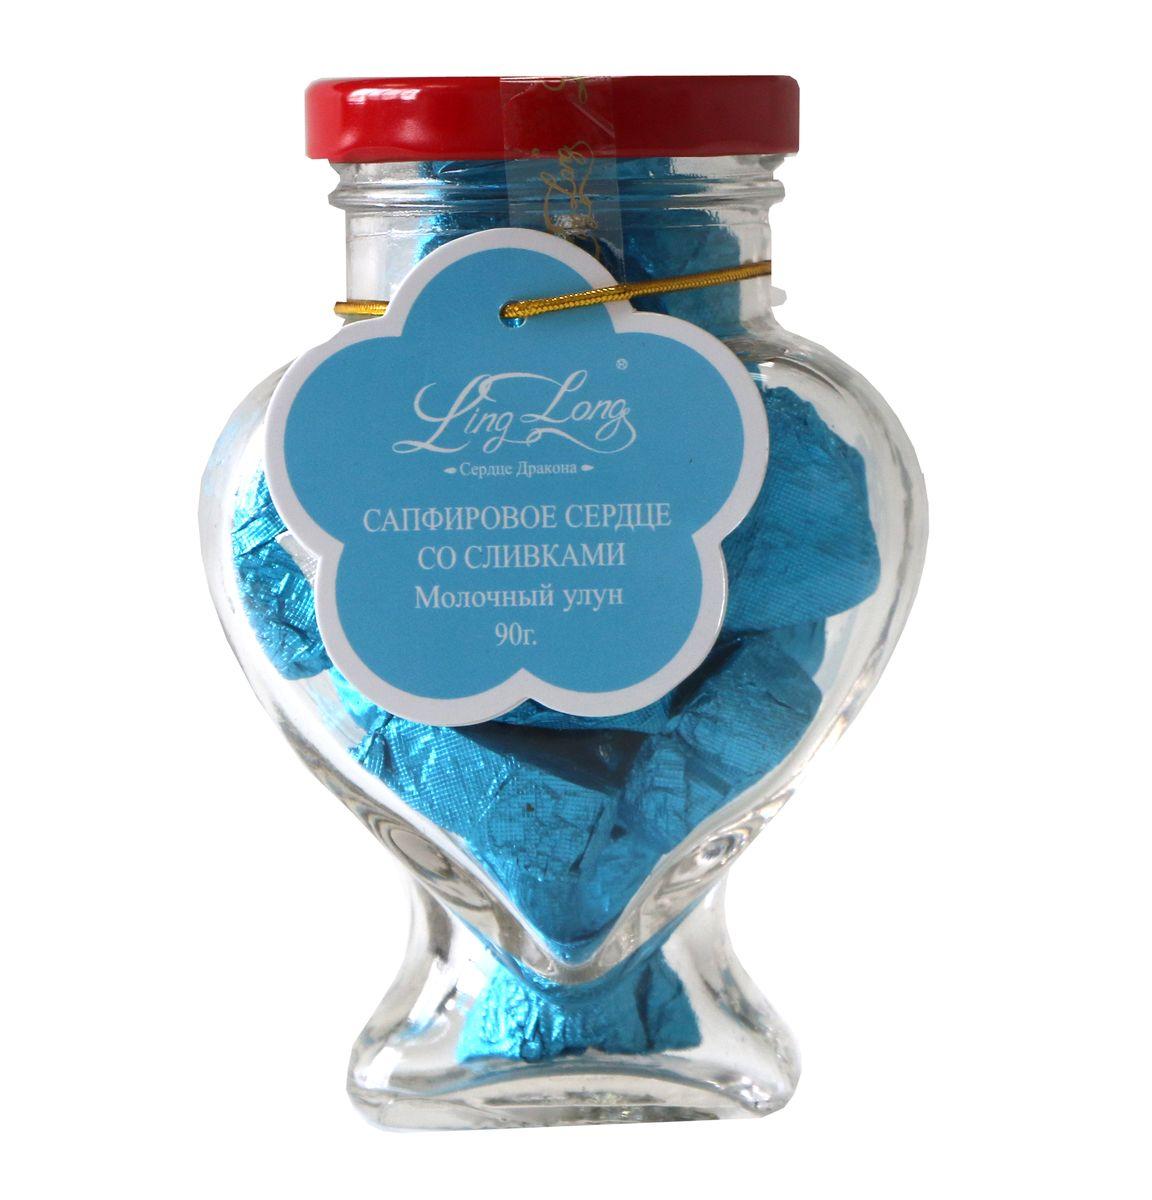 Ling Long Сапфировое сердце со сливками листовой чай, 90 г (стеклянная банка)